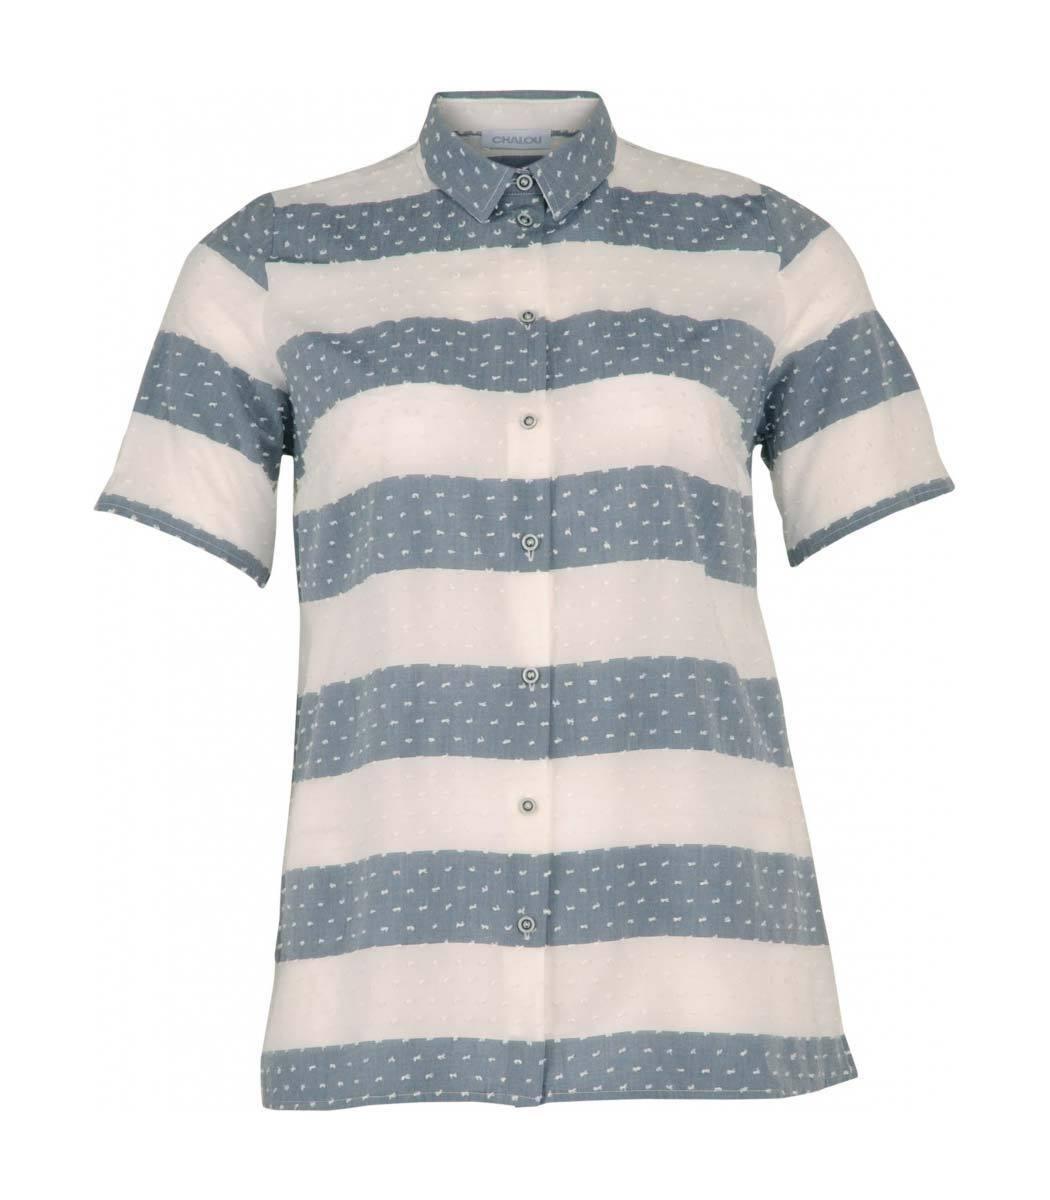 Leichte Chalou Sommer-Blause Weiß Jeans-Blau Große Größen kurzarm Damen A-Linie